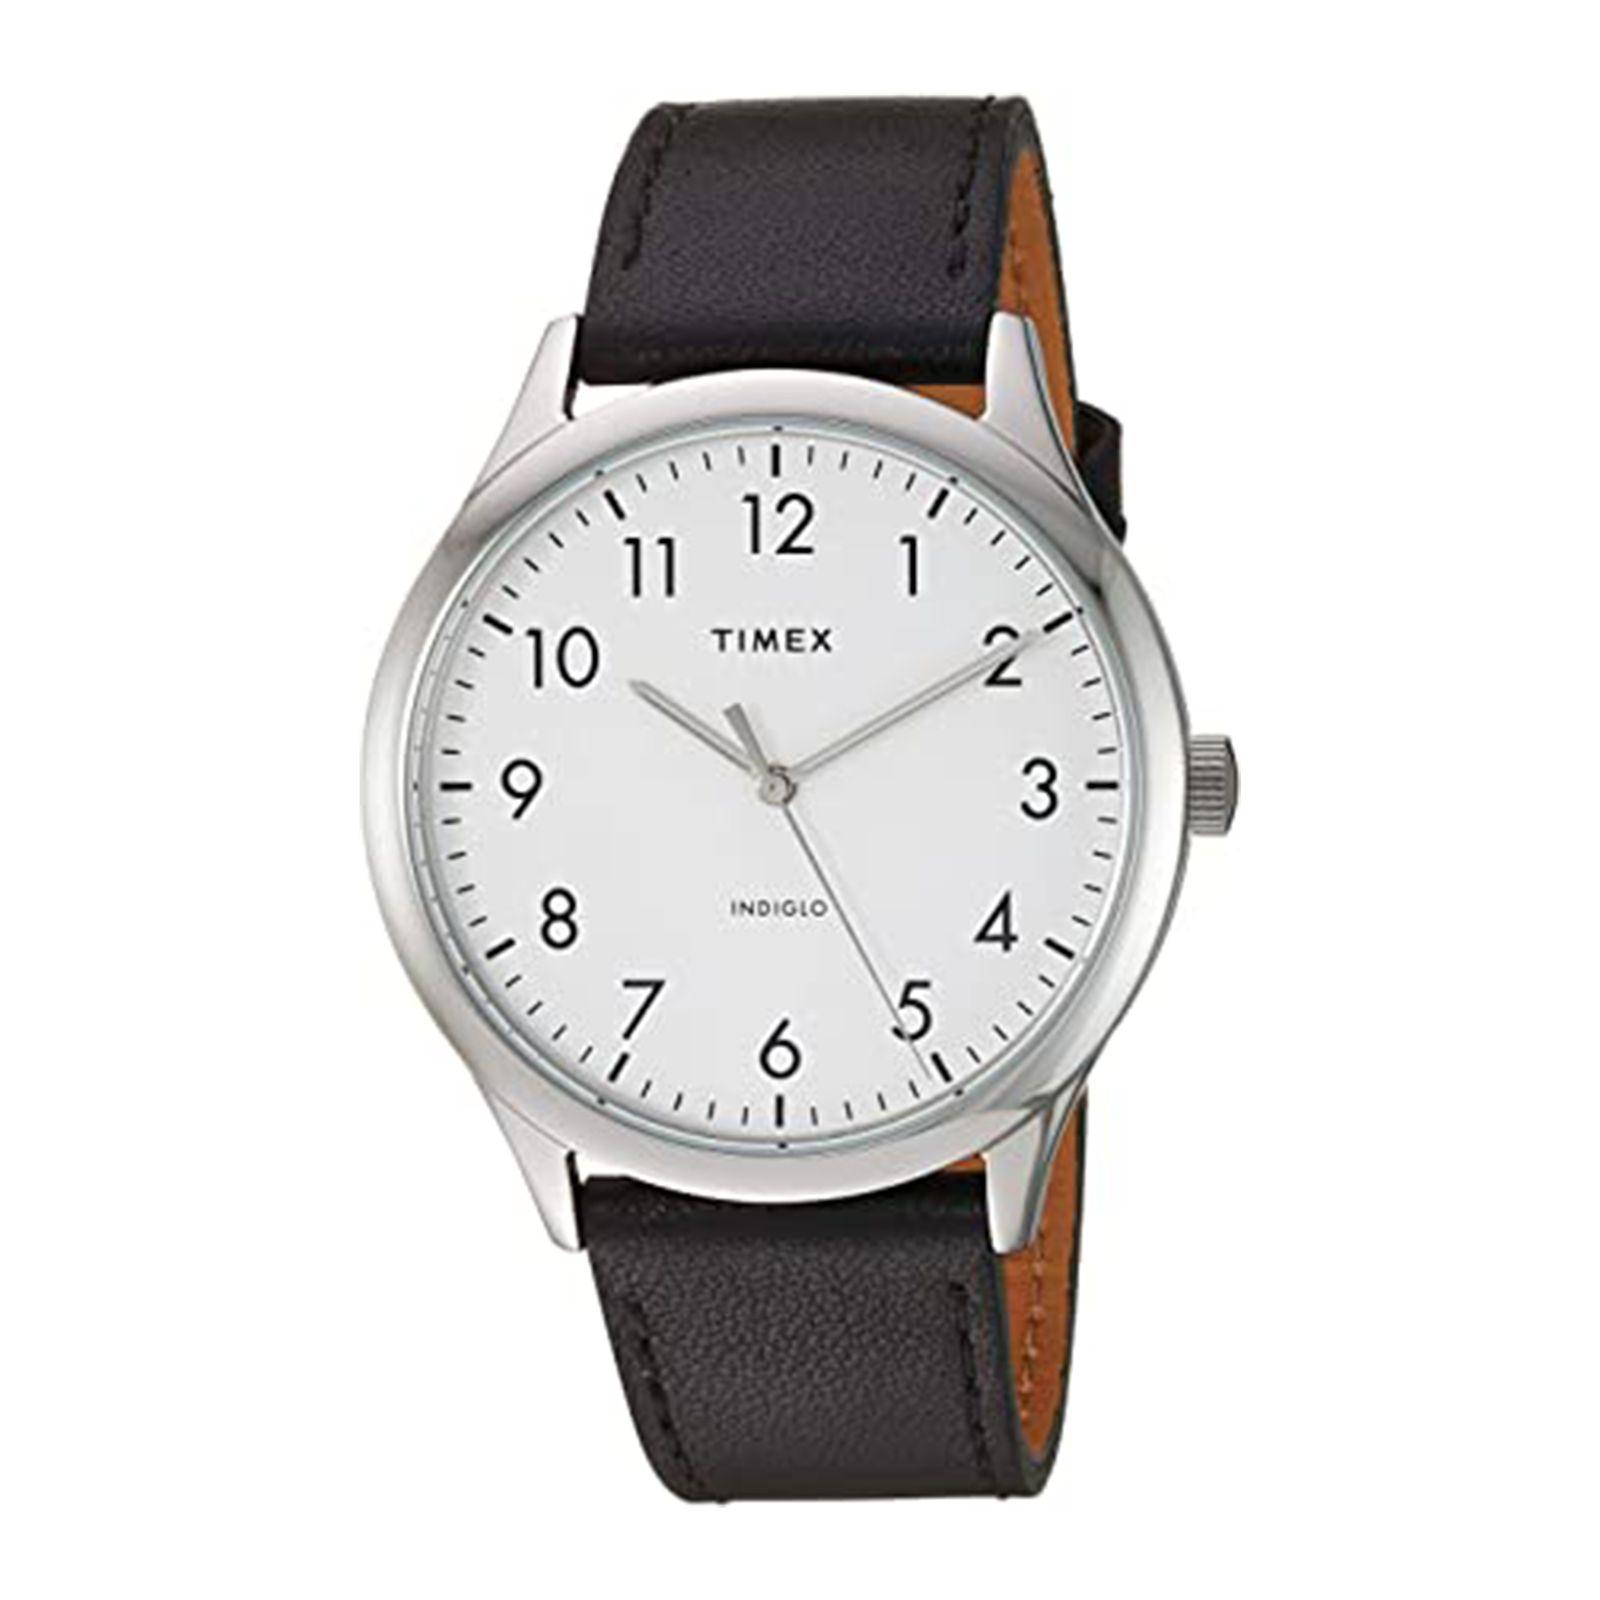 ساعت مچی عقربه ای مردانه تایمکس مدل TW2T71800 -  - 1